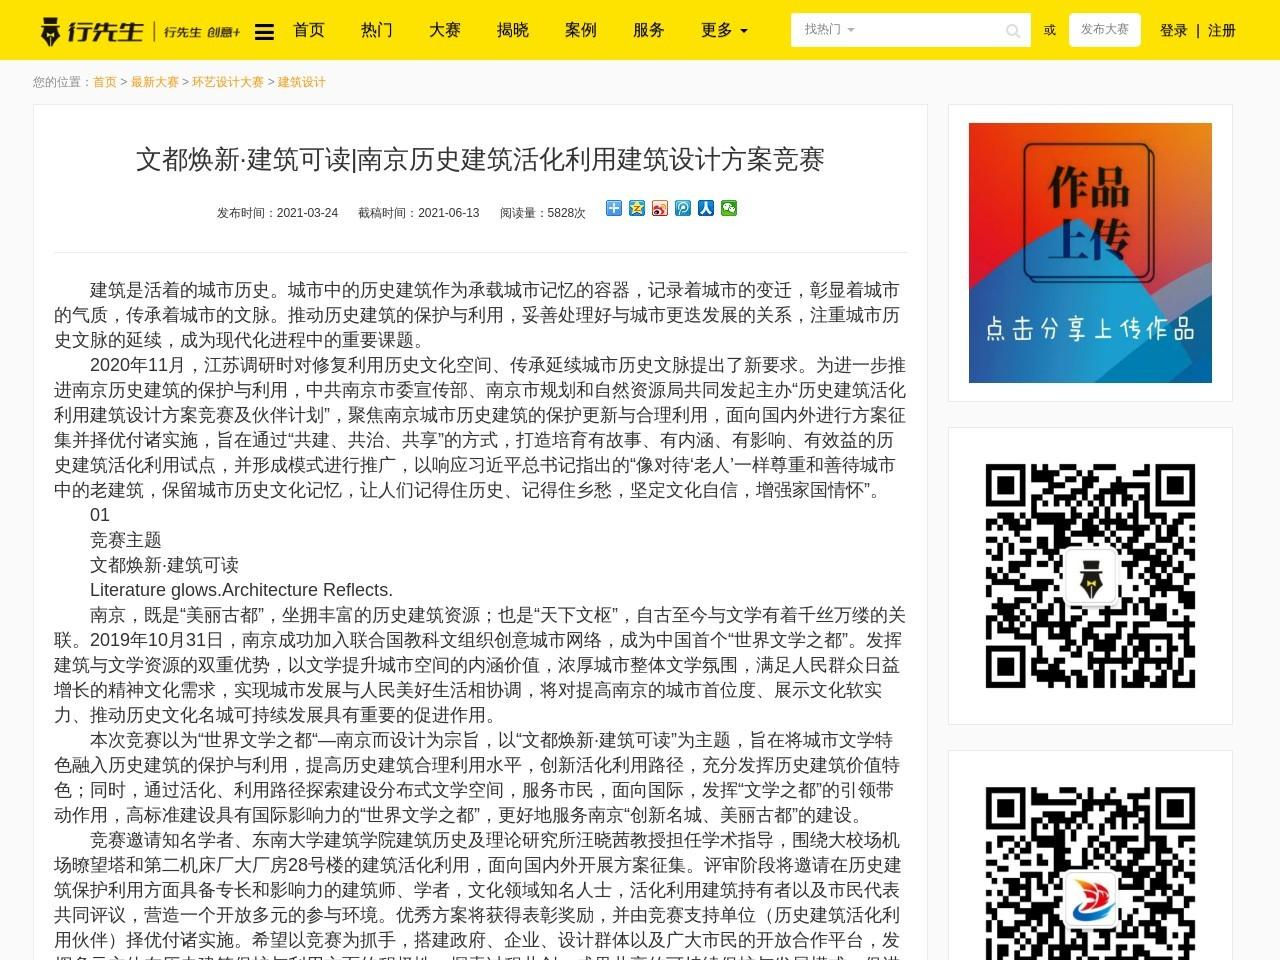 文都焕新·建筑可读 南京历史建筑活化利用建筑设计方案竞赛